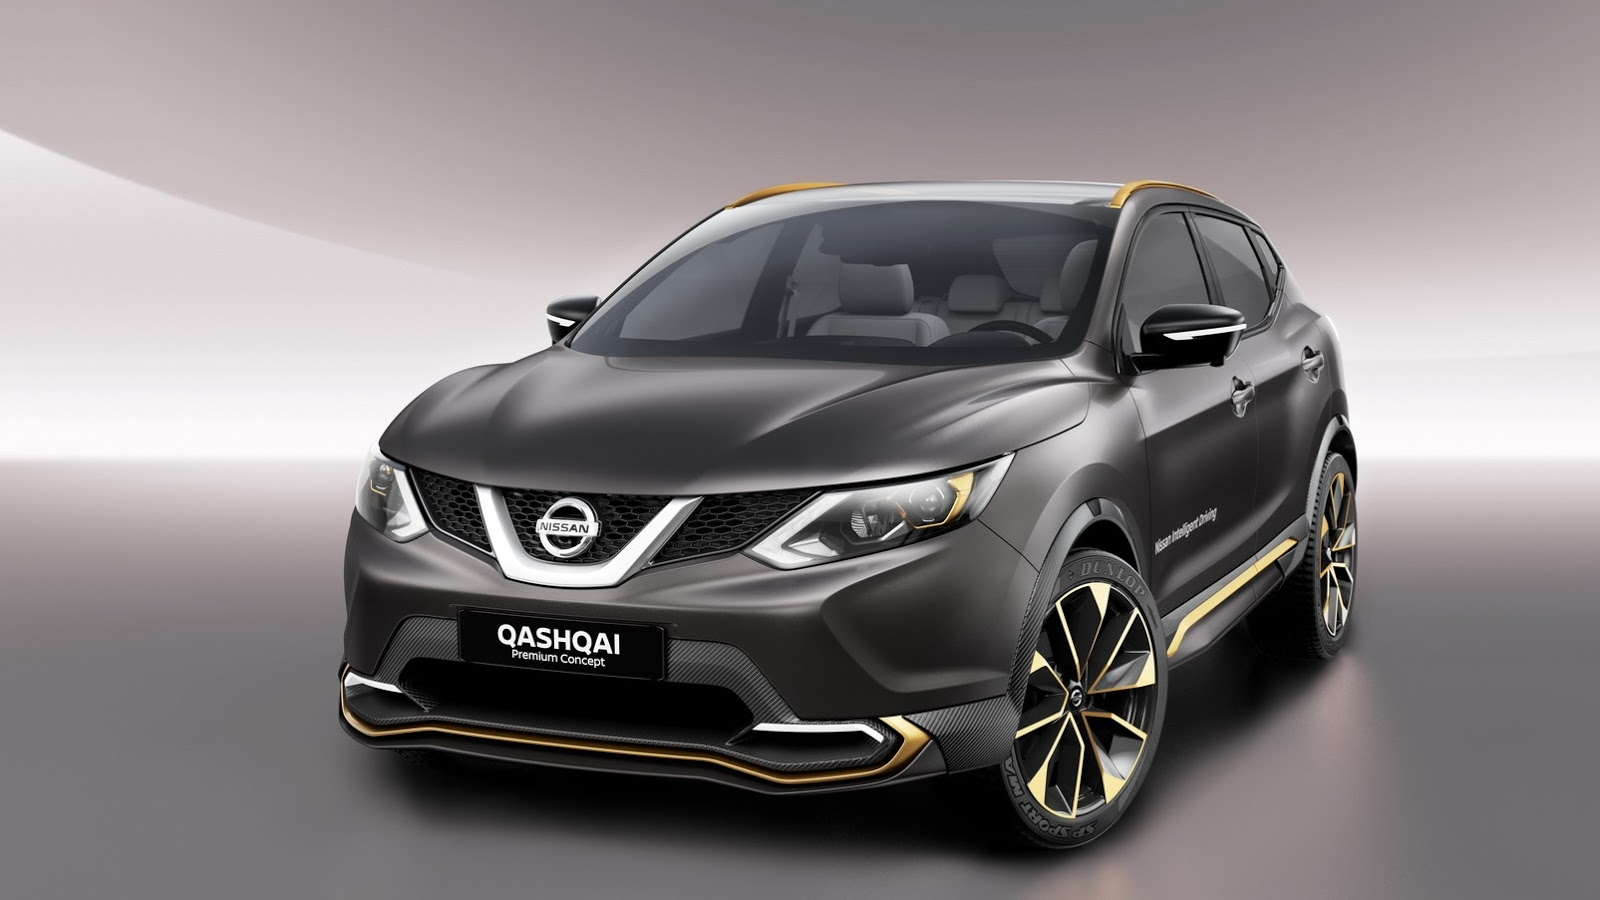 Nissan veut la peau des marques premium avec un qashqai for Peintures haut de gamme